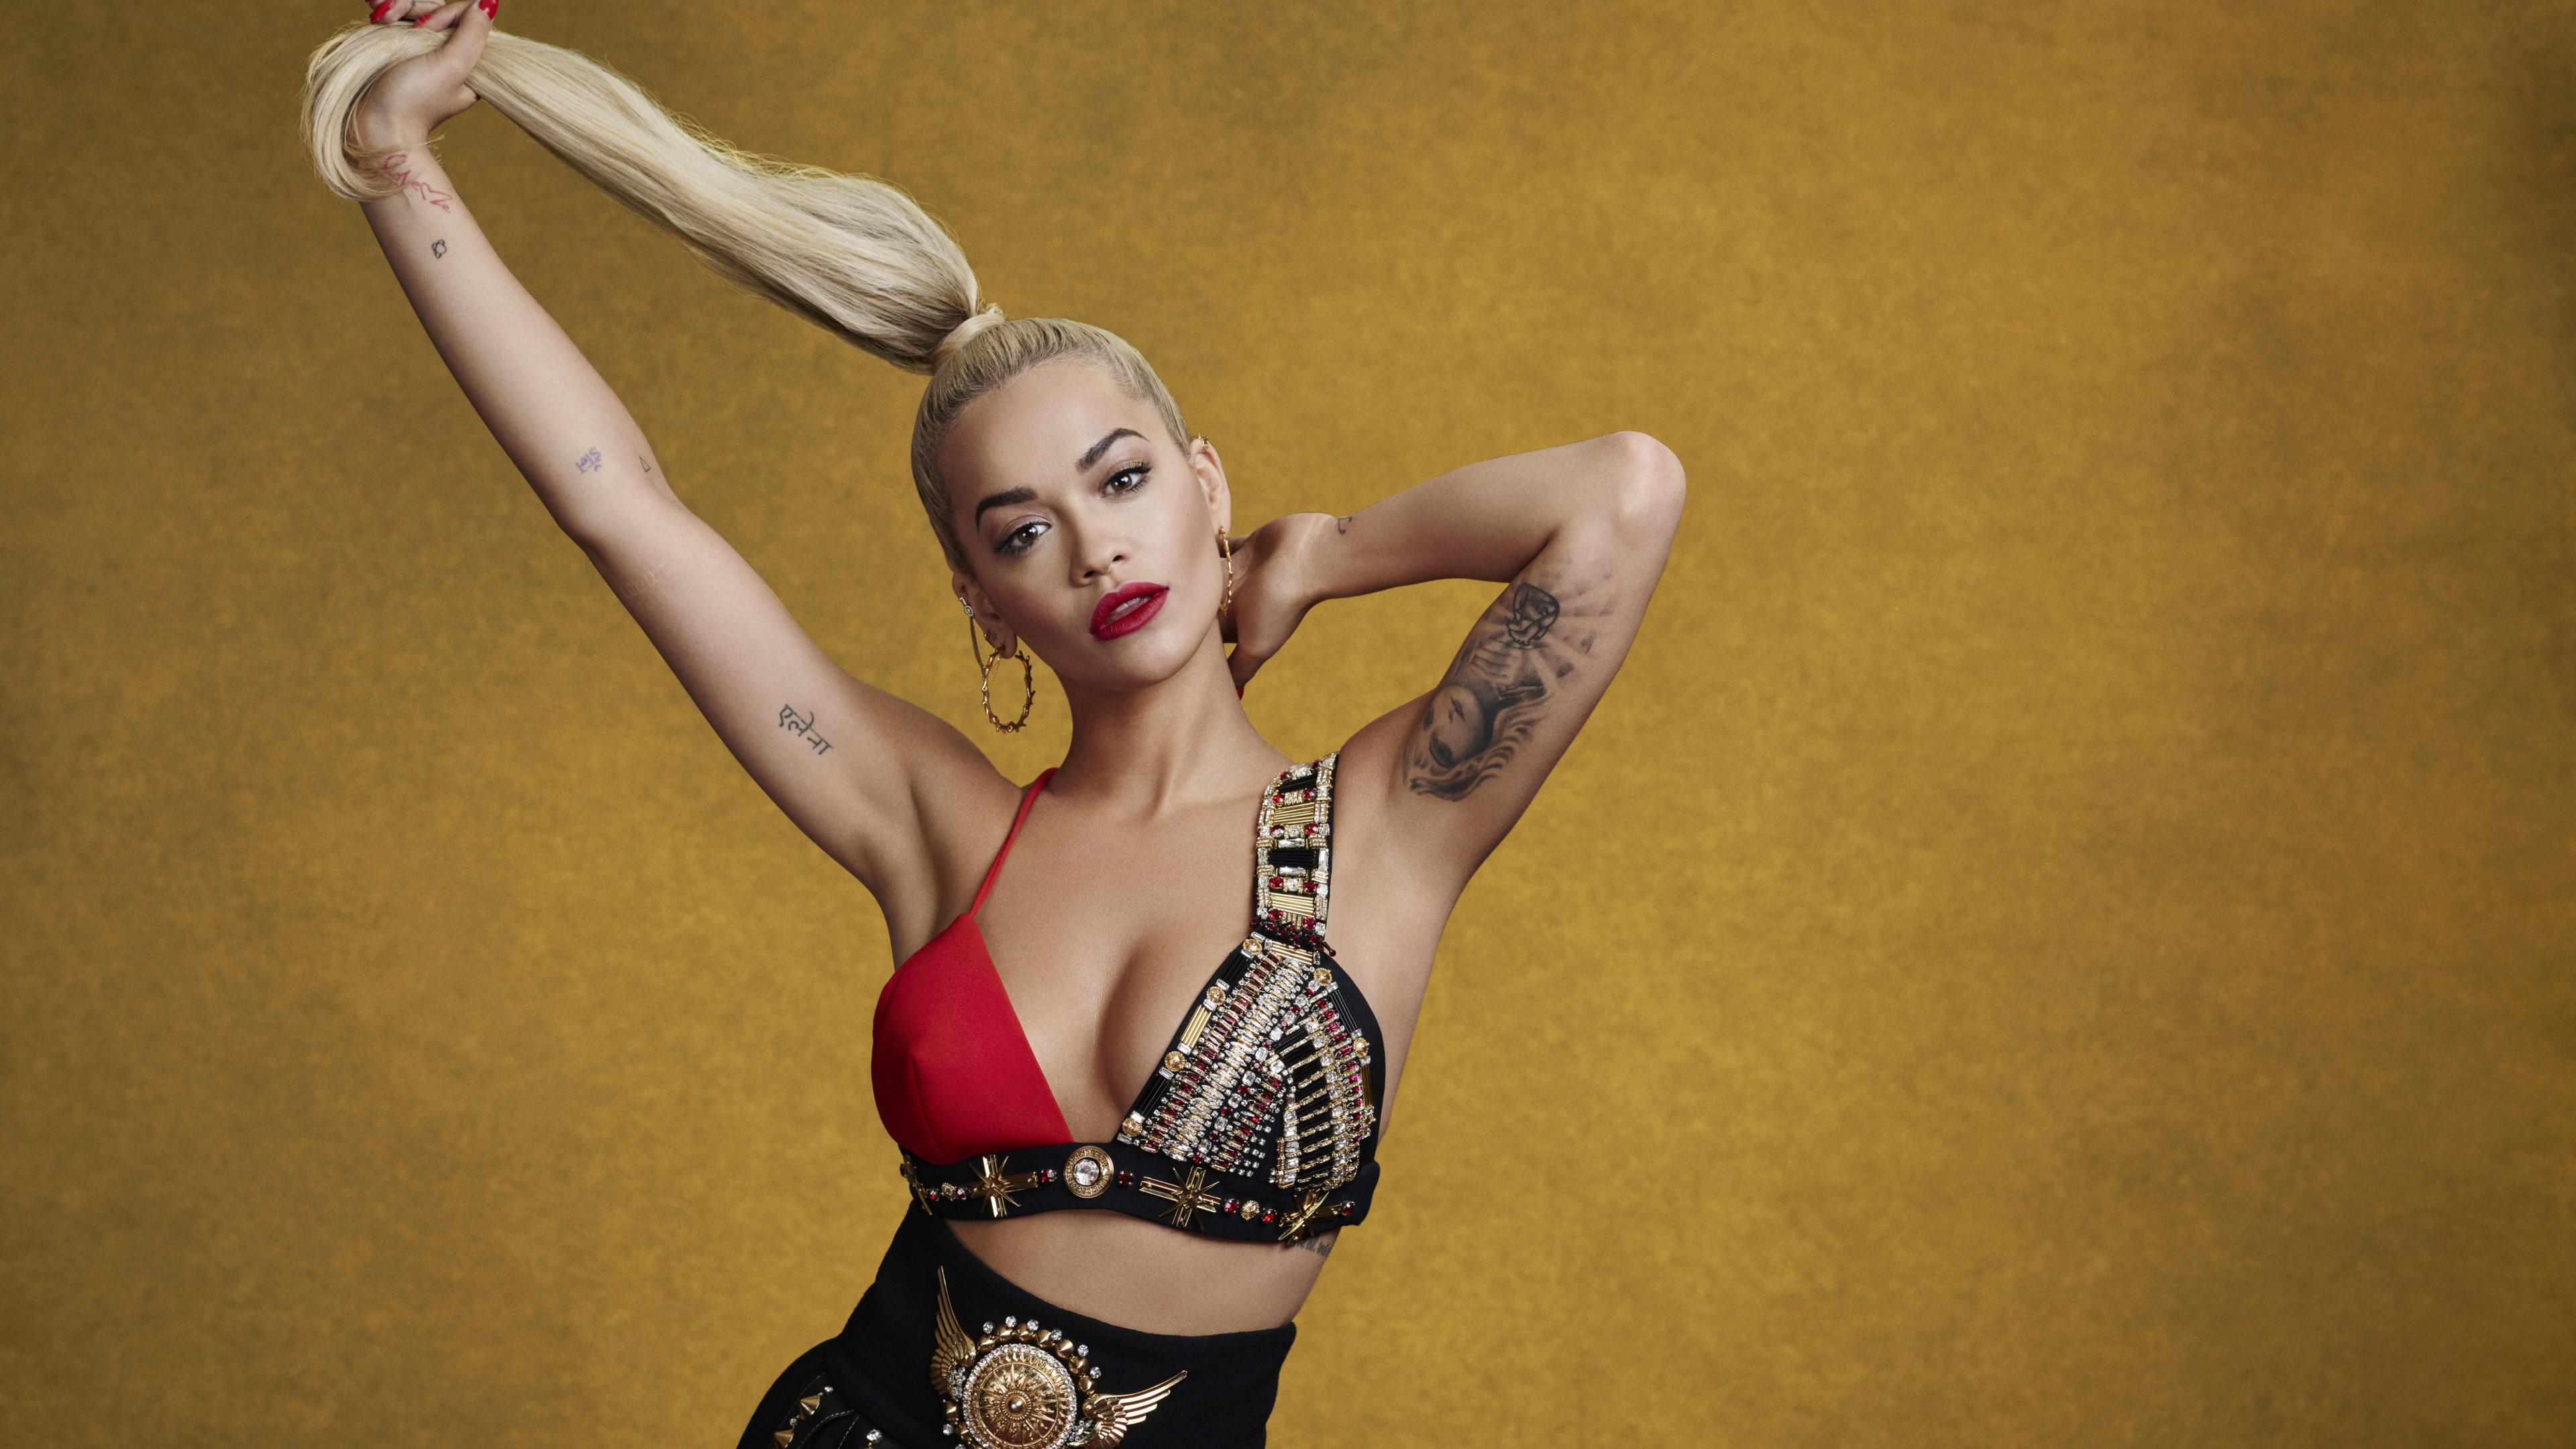 rita ora 2019 4k 1553073280 - Rita Ora 2019 4k - rita ora wallpapers, music wallpapers, hd-wallpapers, girls wallpapers, celebrities wallpapers, 4k-wallpapers